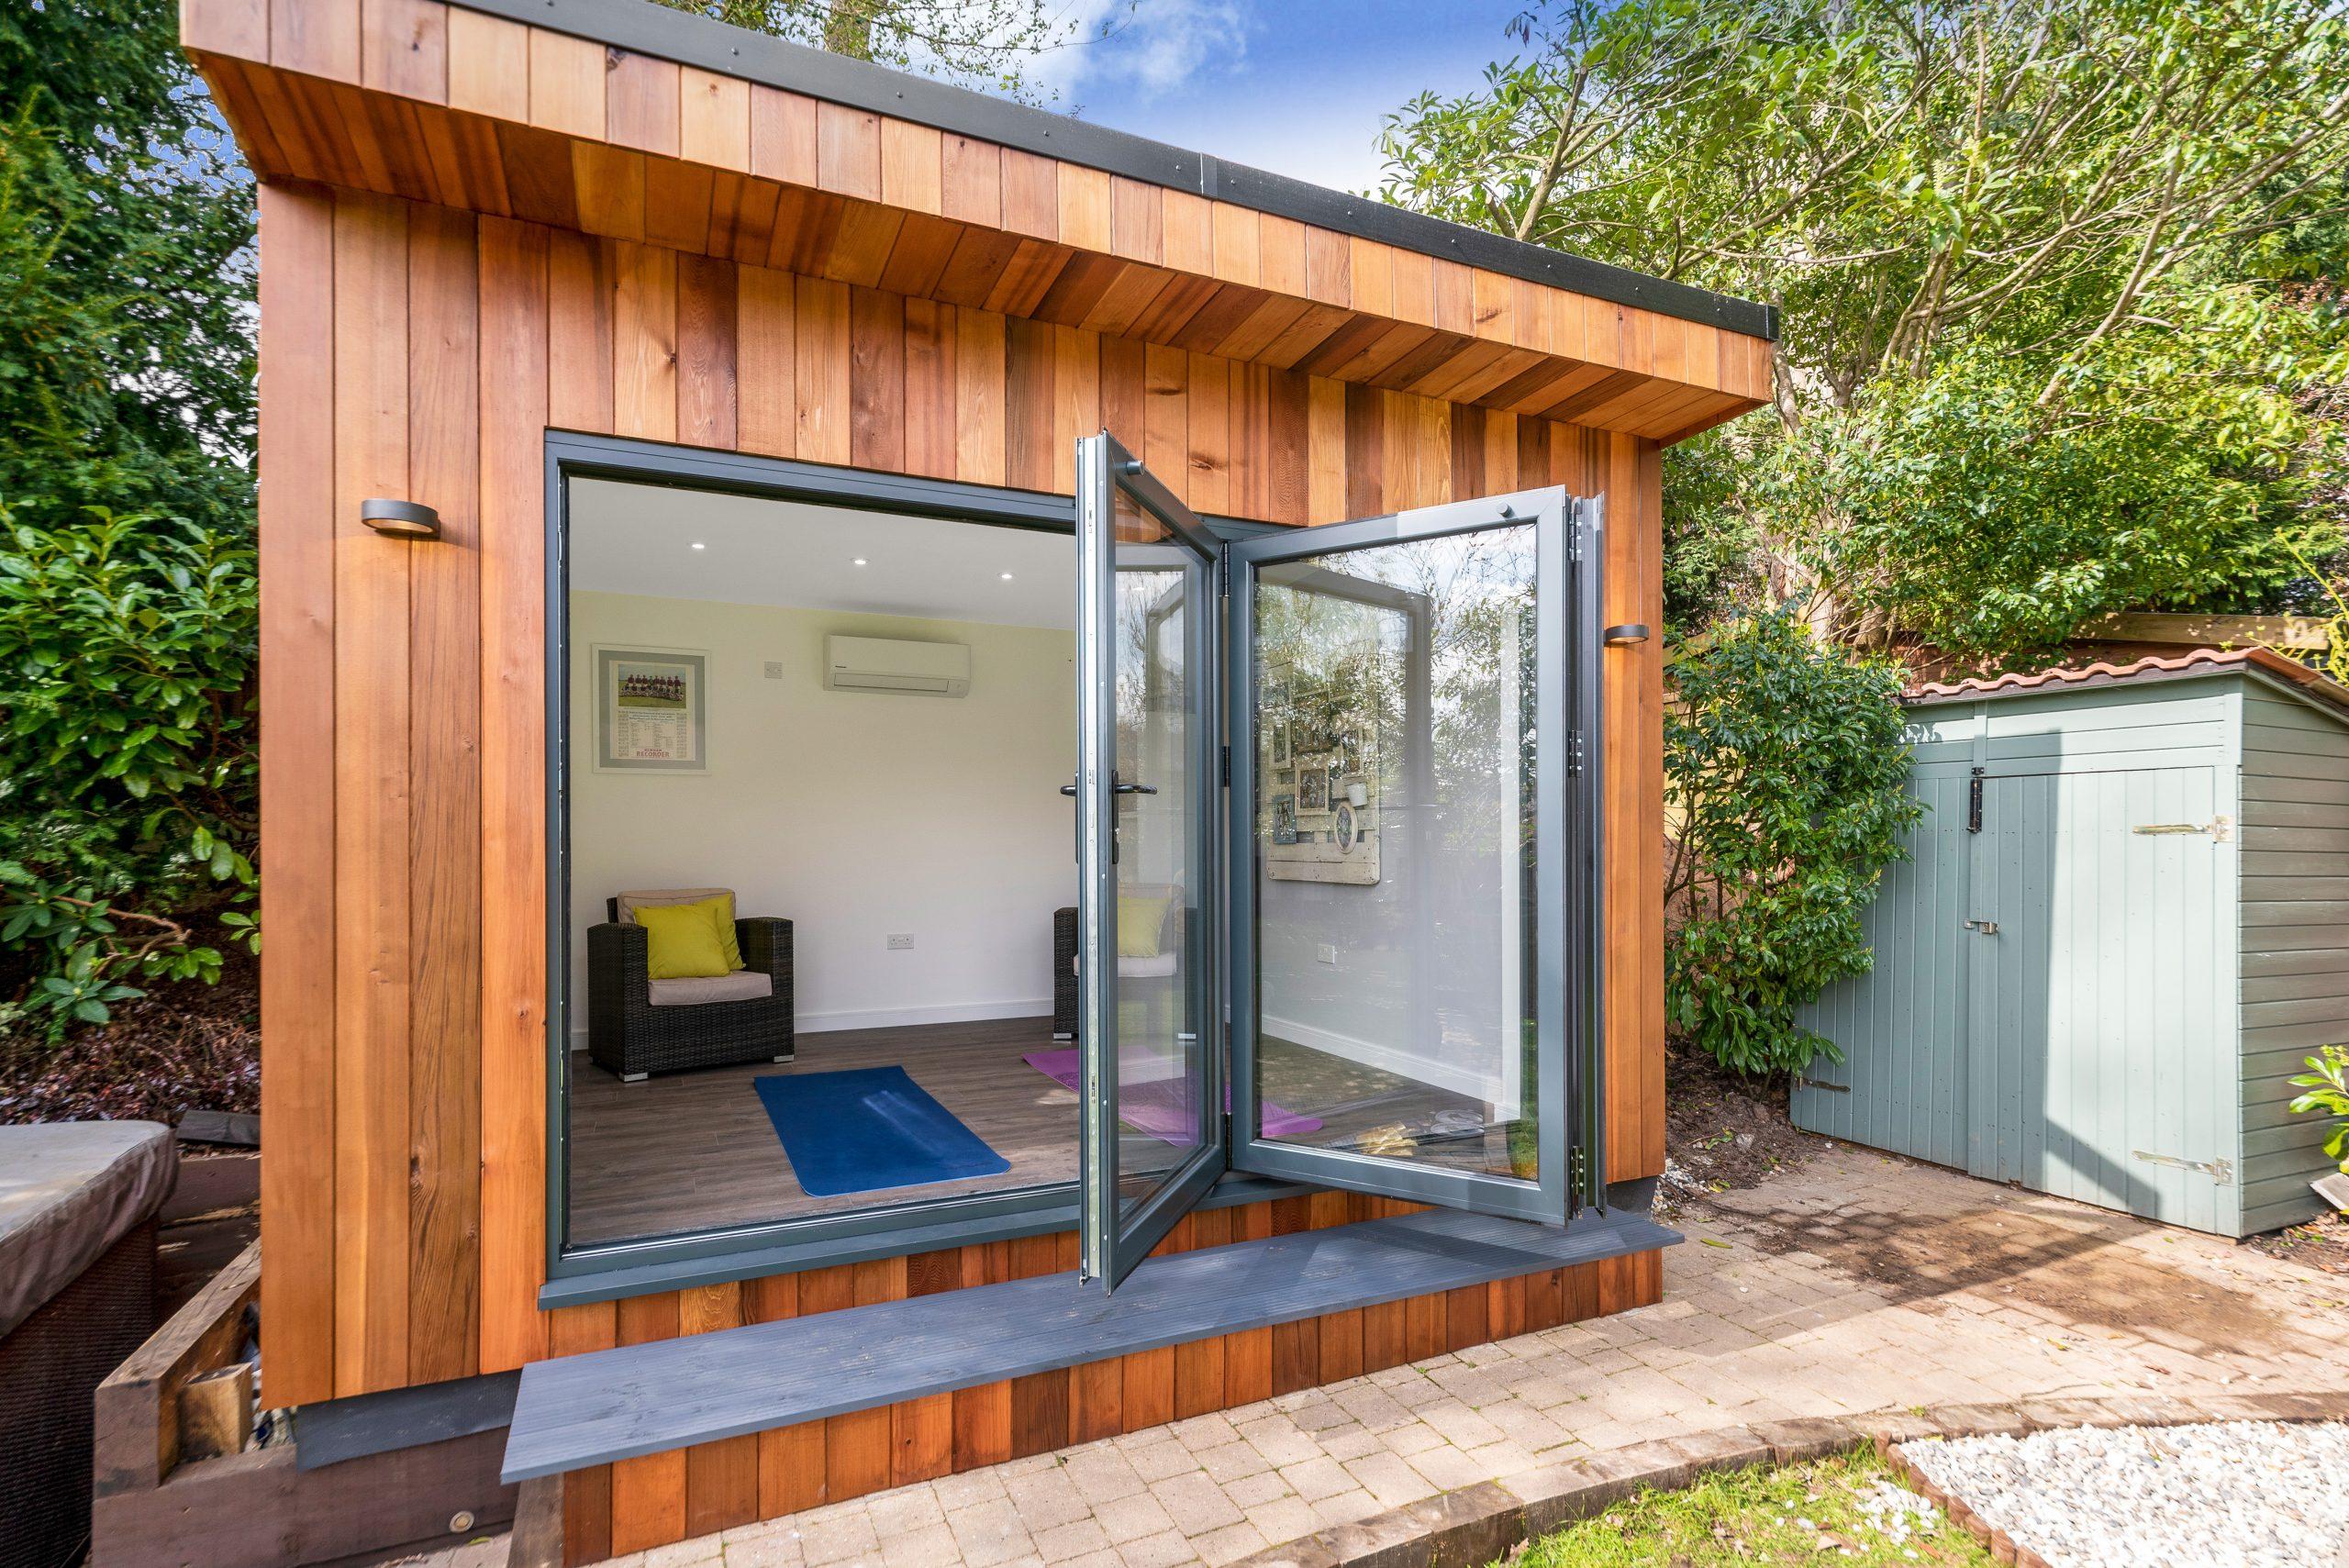 Bifold Door Garden Room, Essex